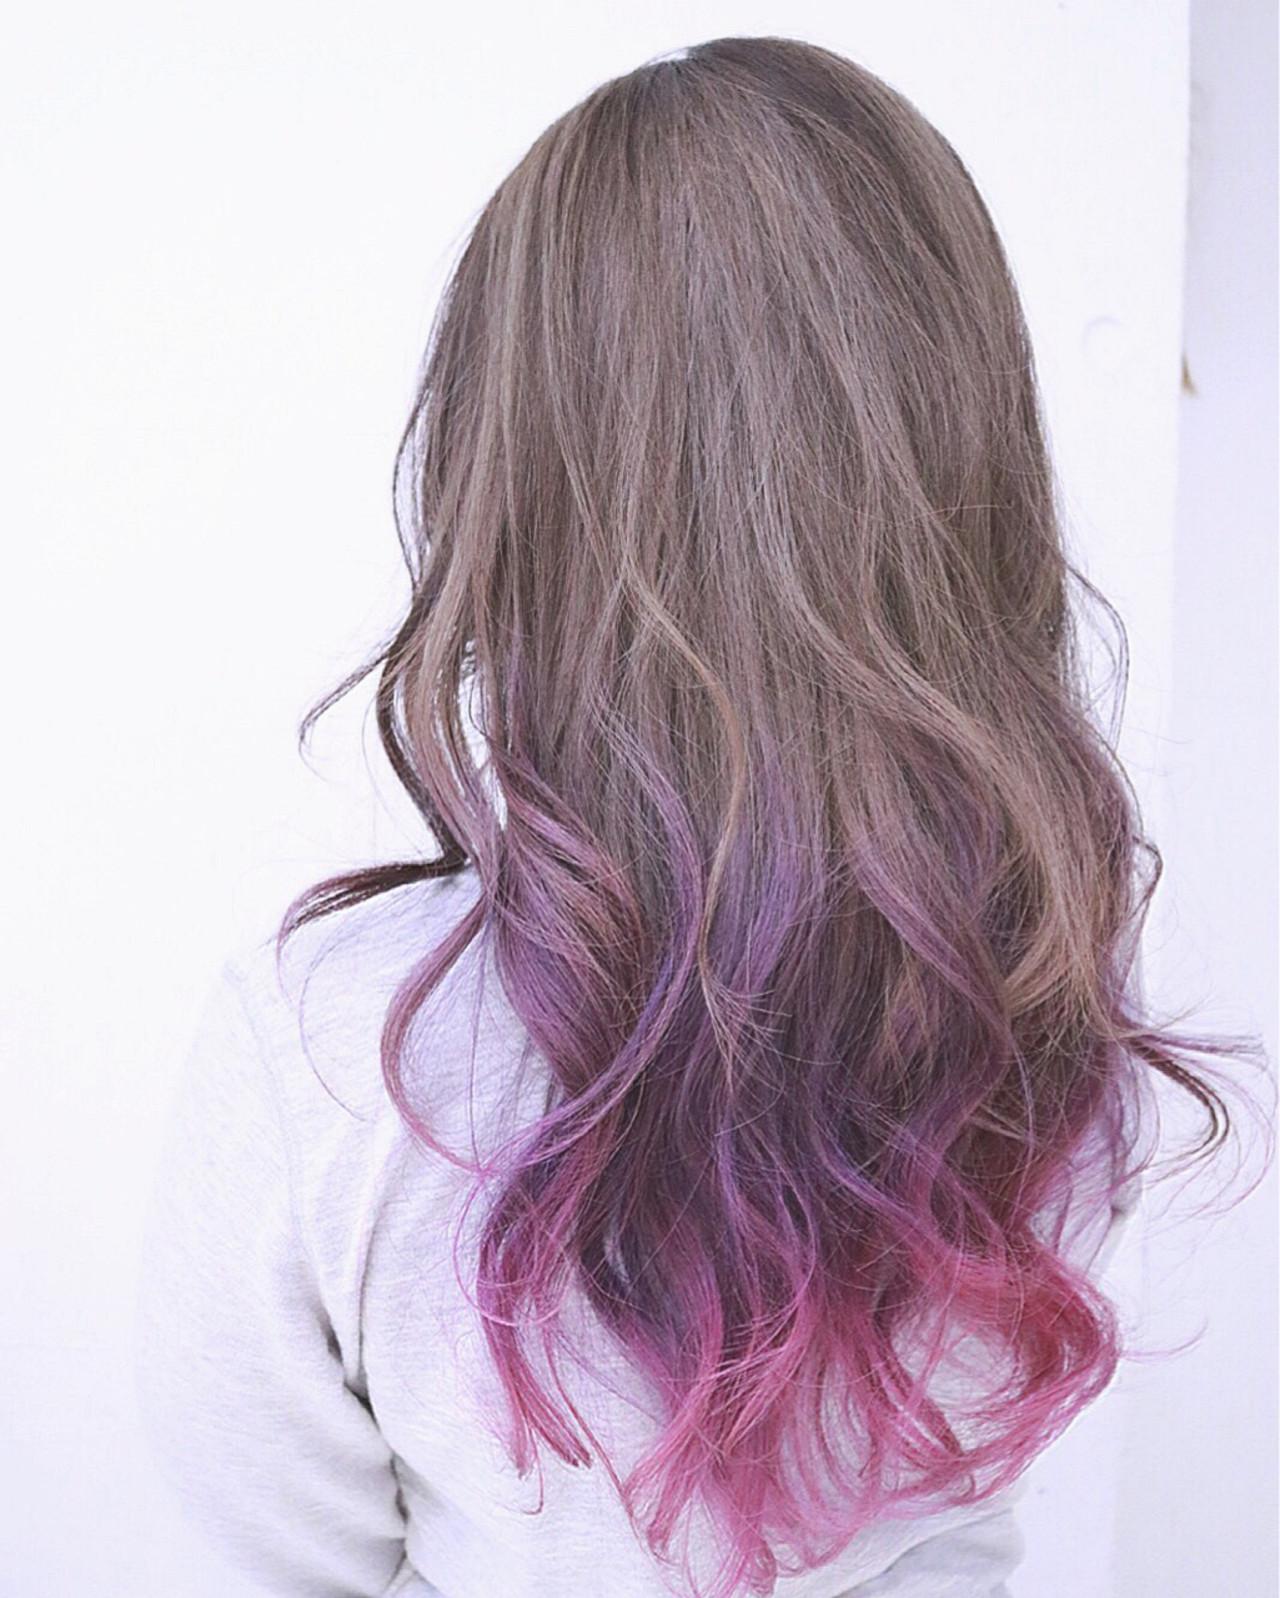 髪、切る前に遊んでみない?毛先○cmの春色ピンクがマンネリ気分にサヨナラを告げる♡ 高田 ゆみこ